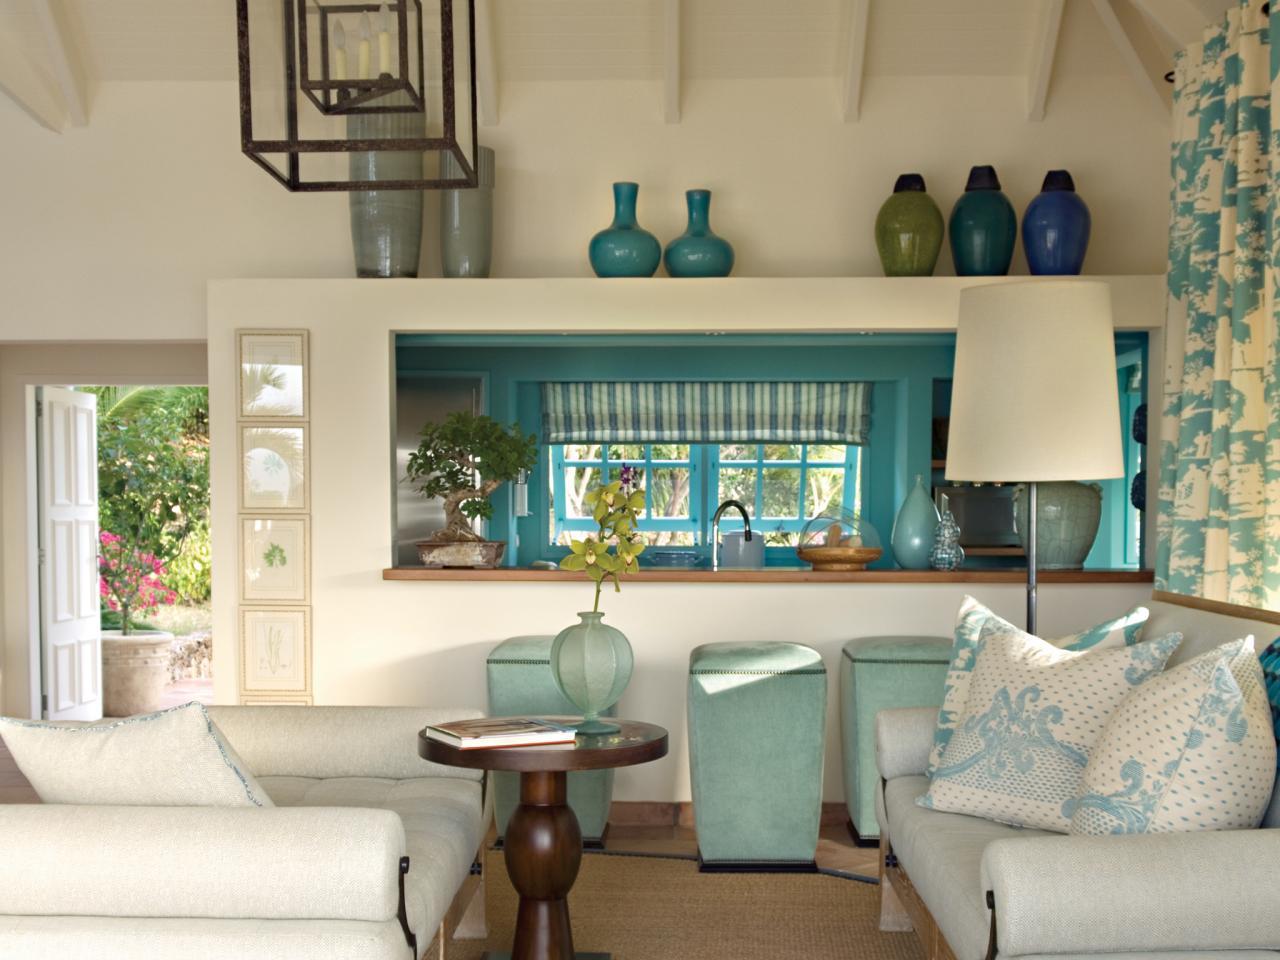 ci-barry-Dixon-interiors_pg164_loft-køkken-bar_4x3-jpg-rend-hgtvcom-1280-960